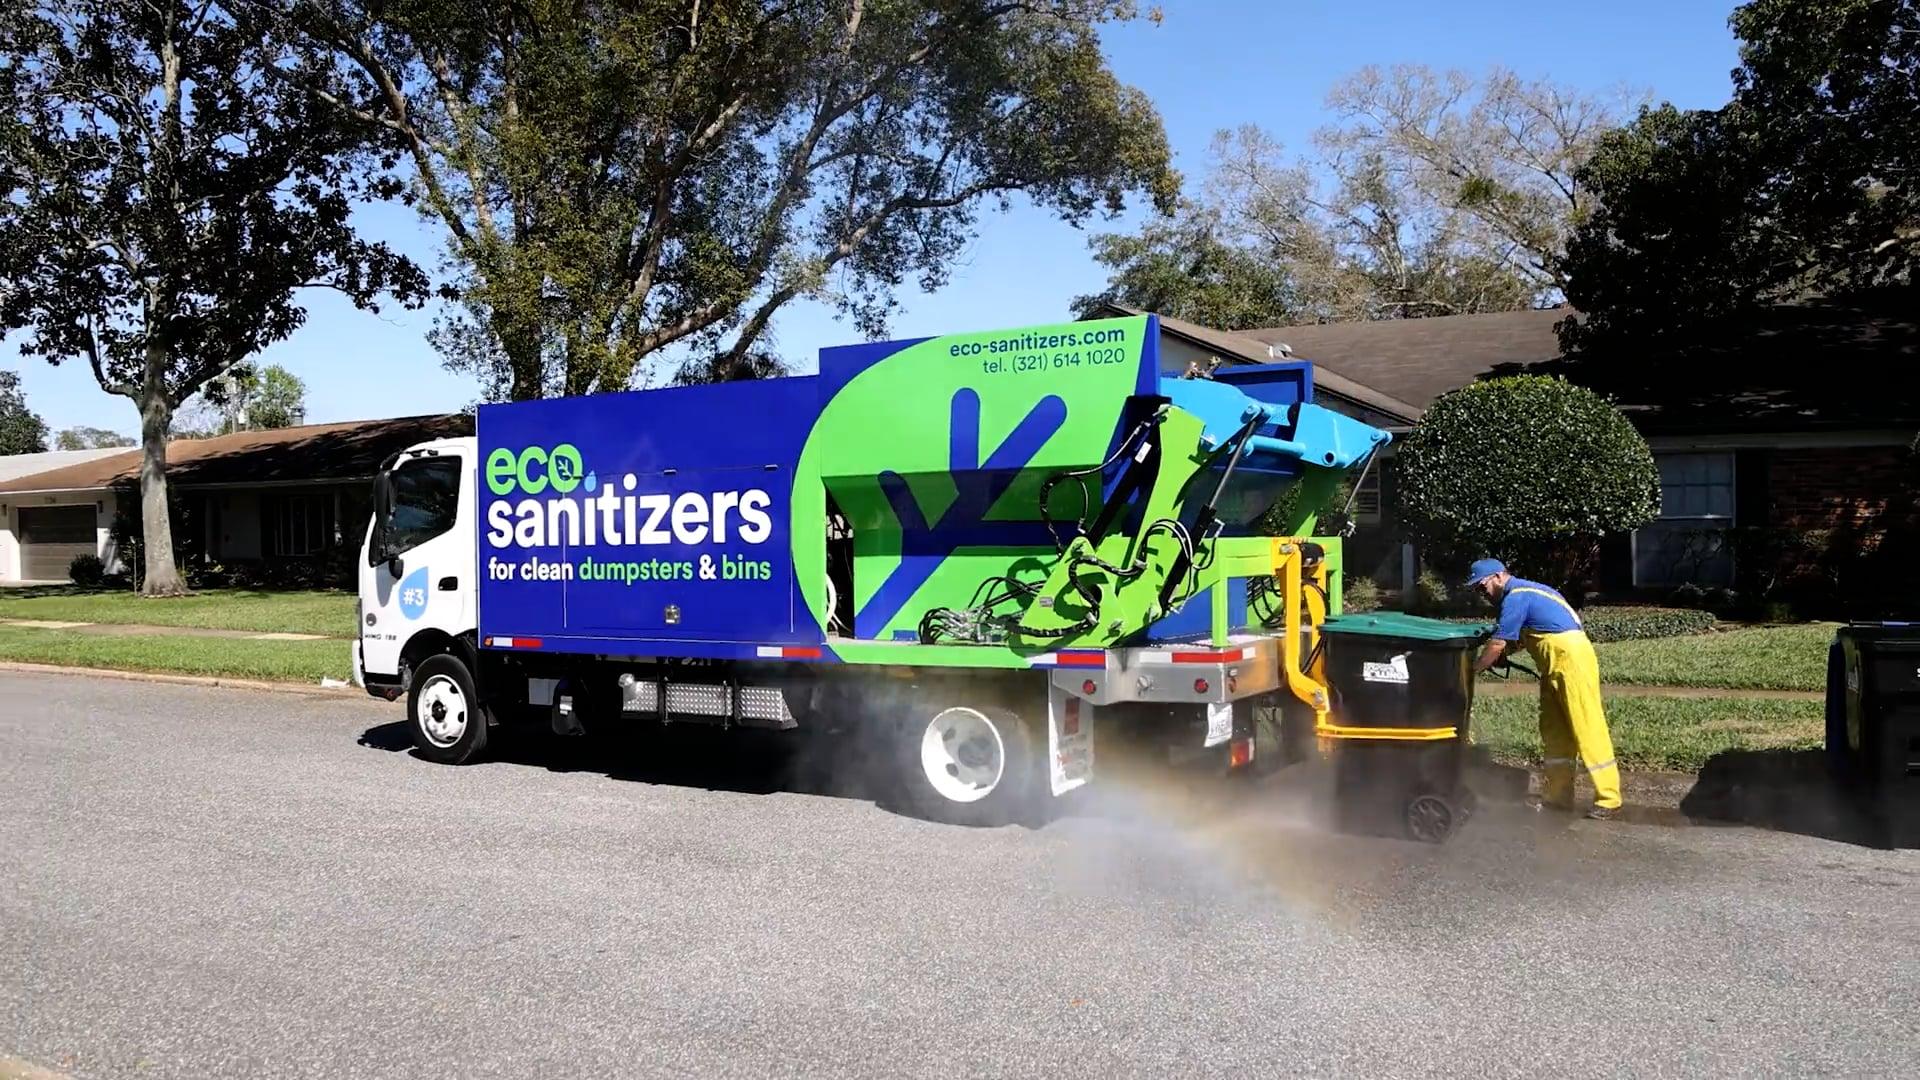 Eco Sanitizers